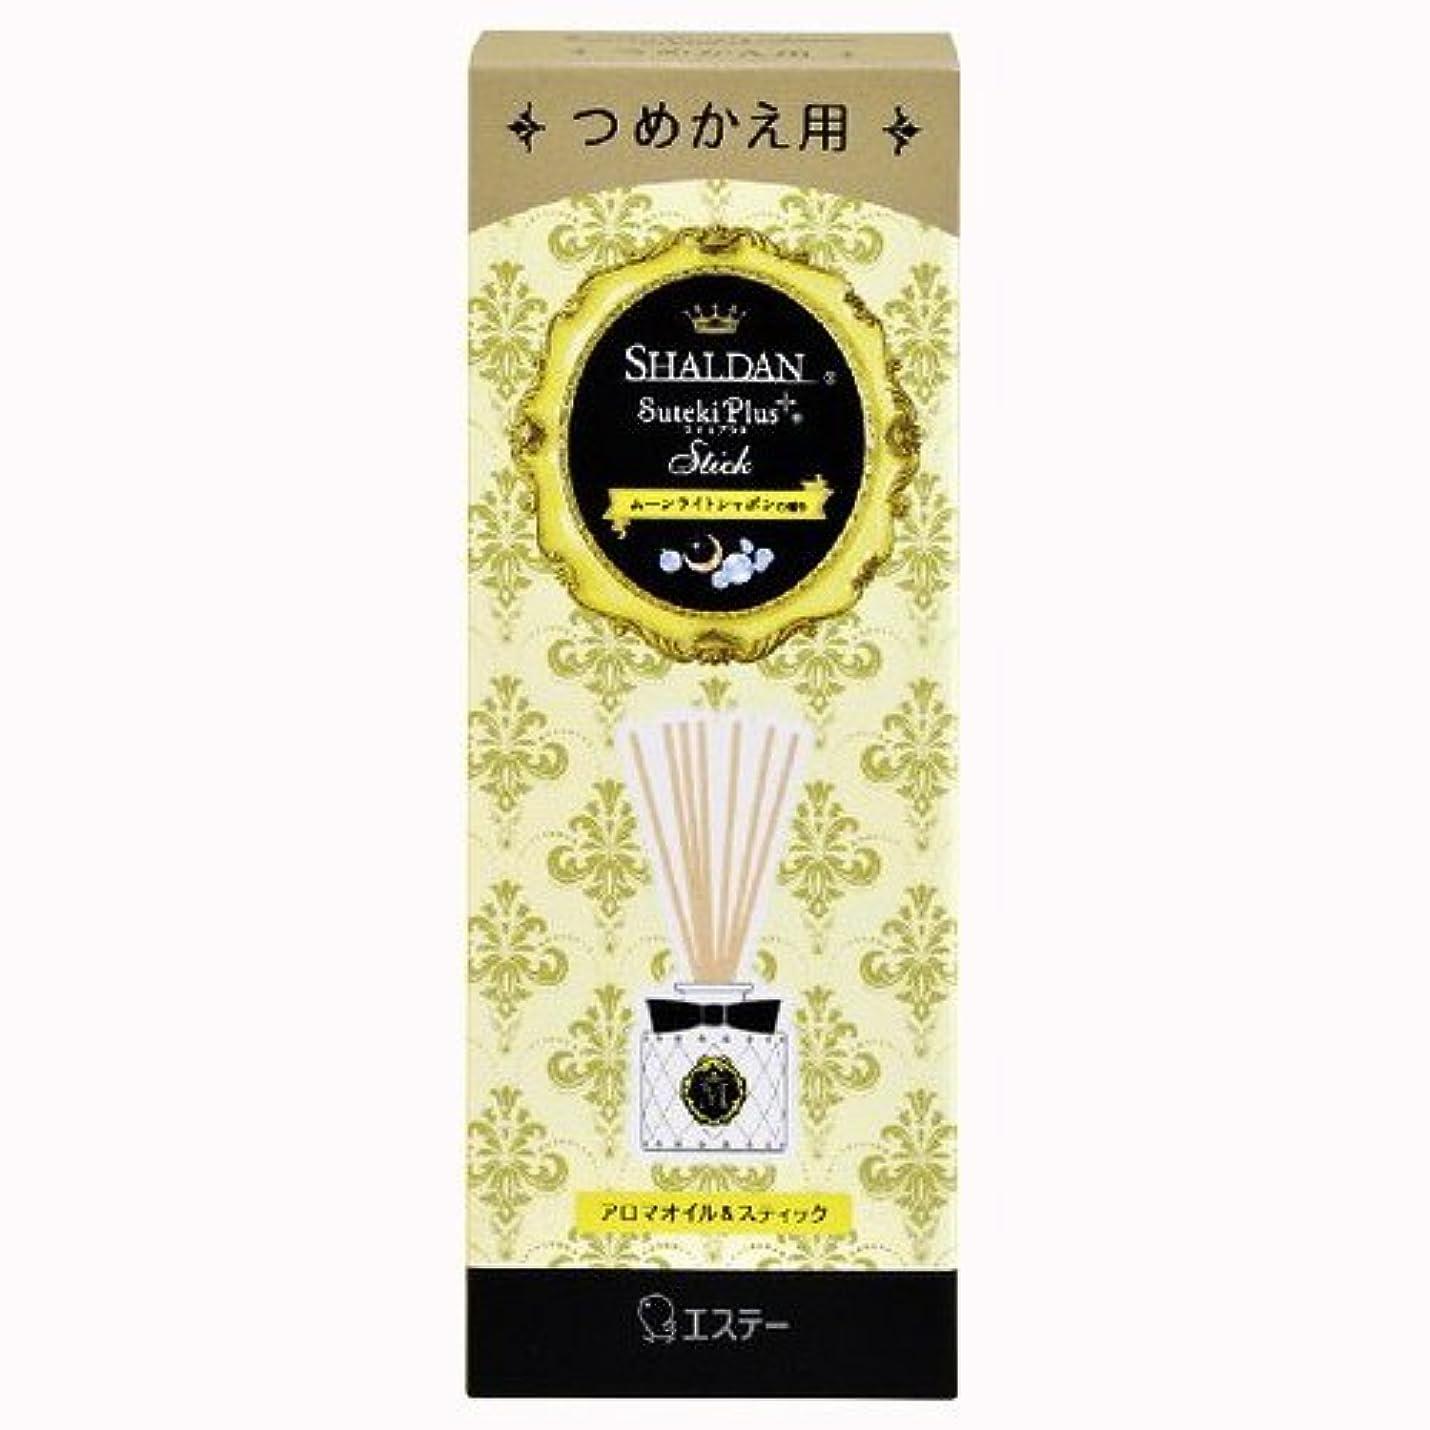 SHALDAN(シャルダン) ステキプラス Stick つめかえ ムーンライトシャボンの香り × 5個セット